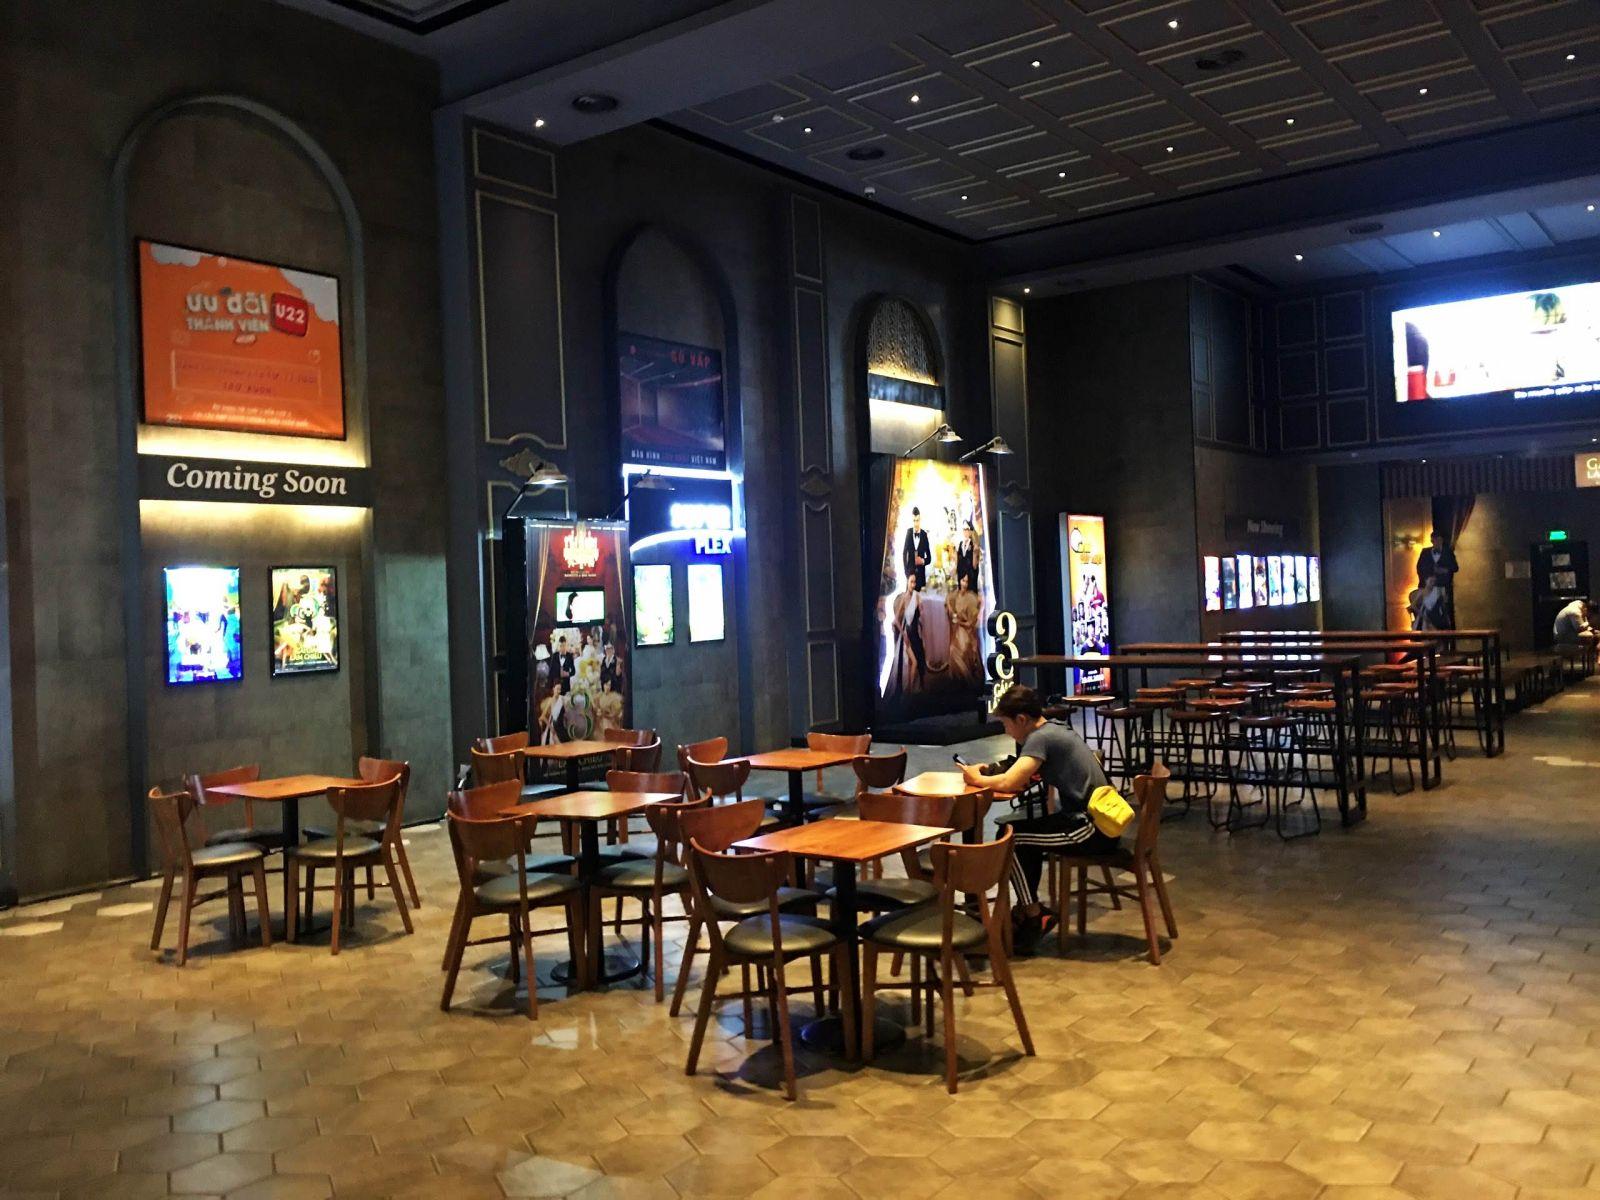 phong cách mộc cung cấp bàn ghế nội thất cho khu vực phòng chờ lotte cinema